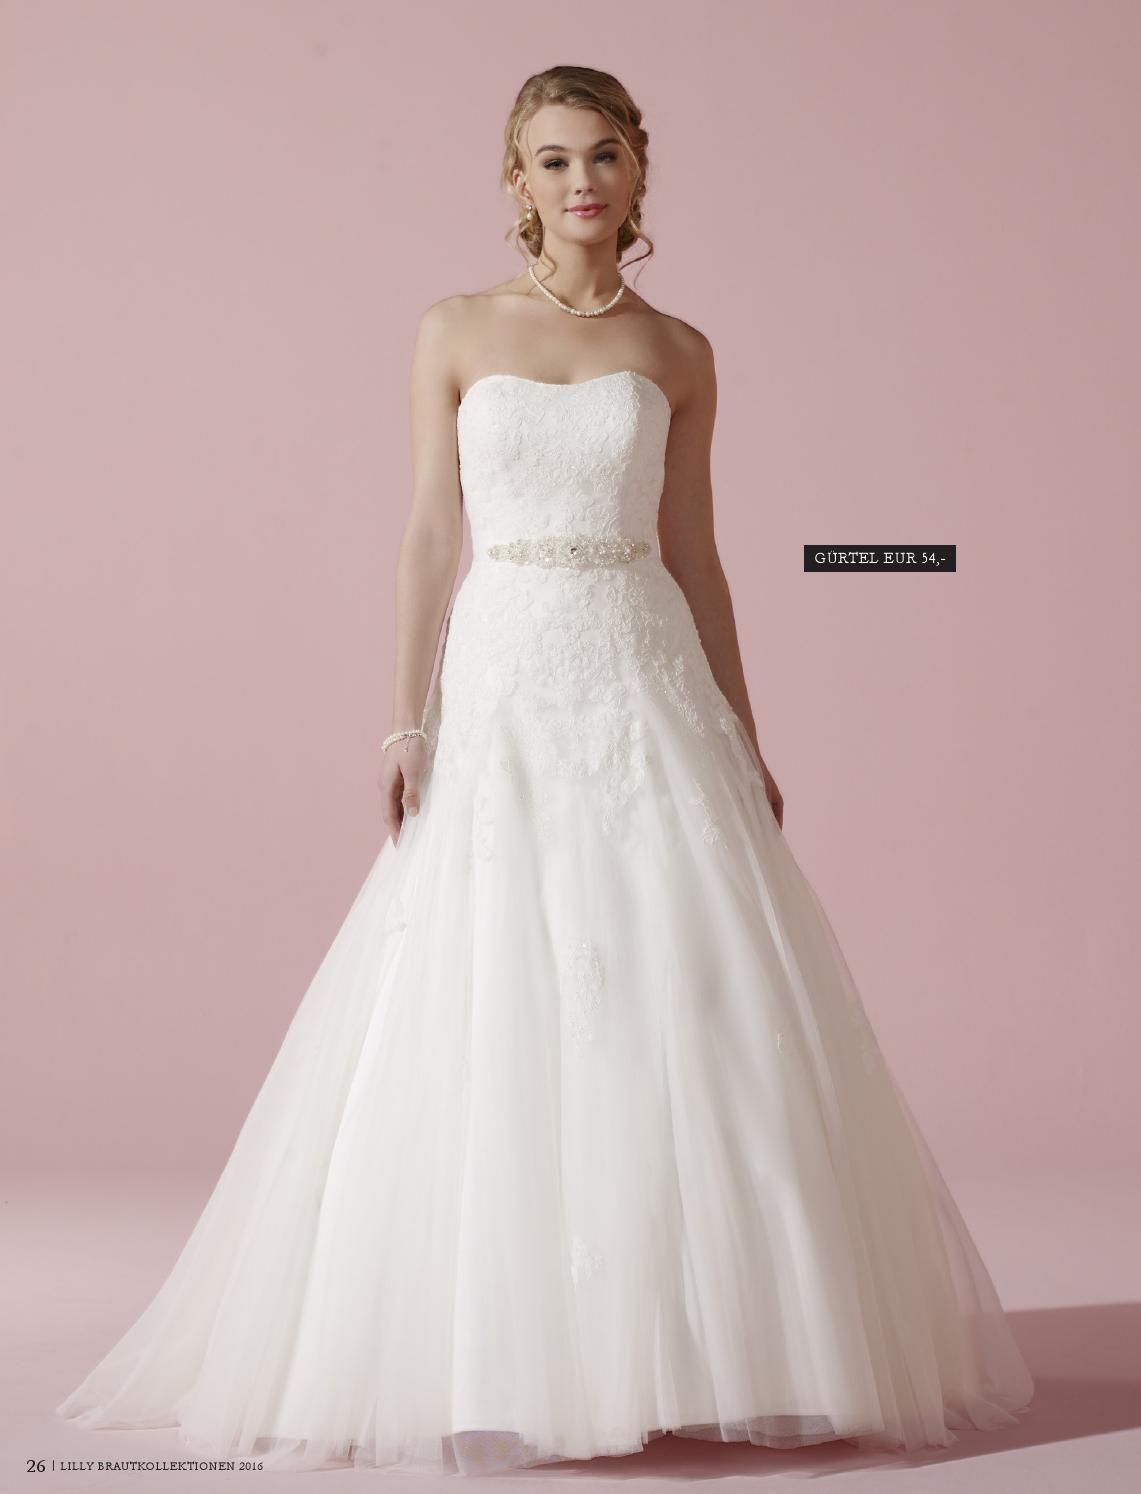 LILLY Brautkleider 15  Kleid hochzeit, Hochzeitskleid, Brautkleid